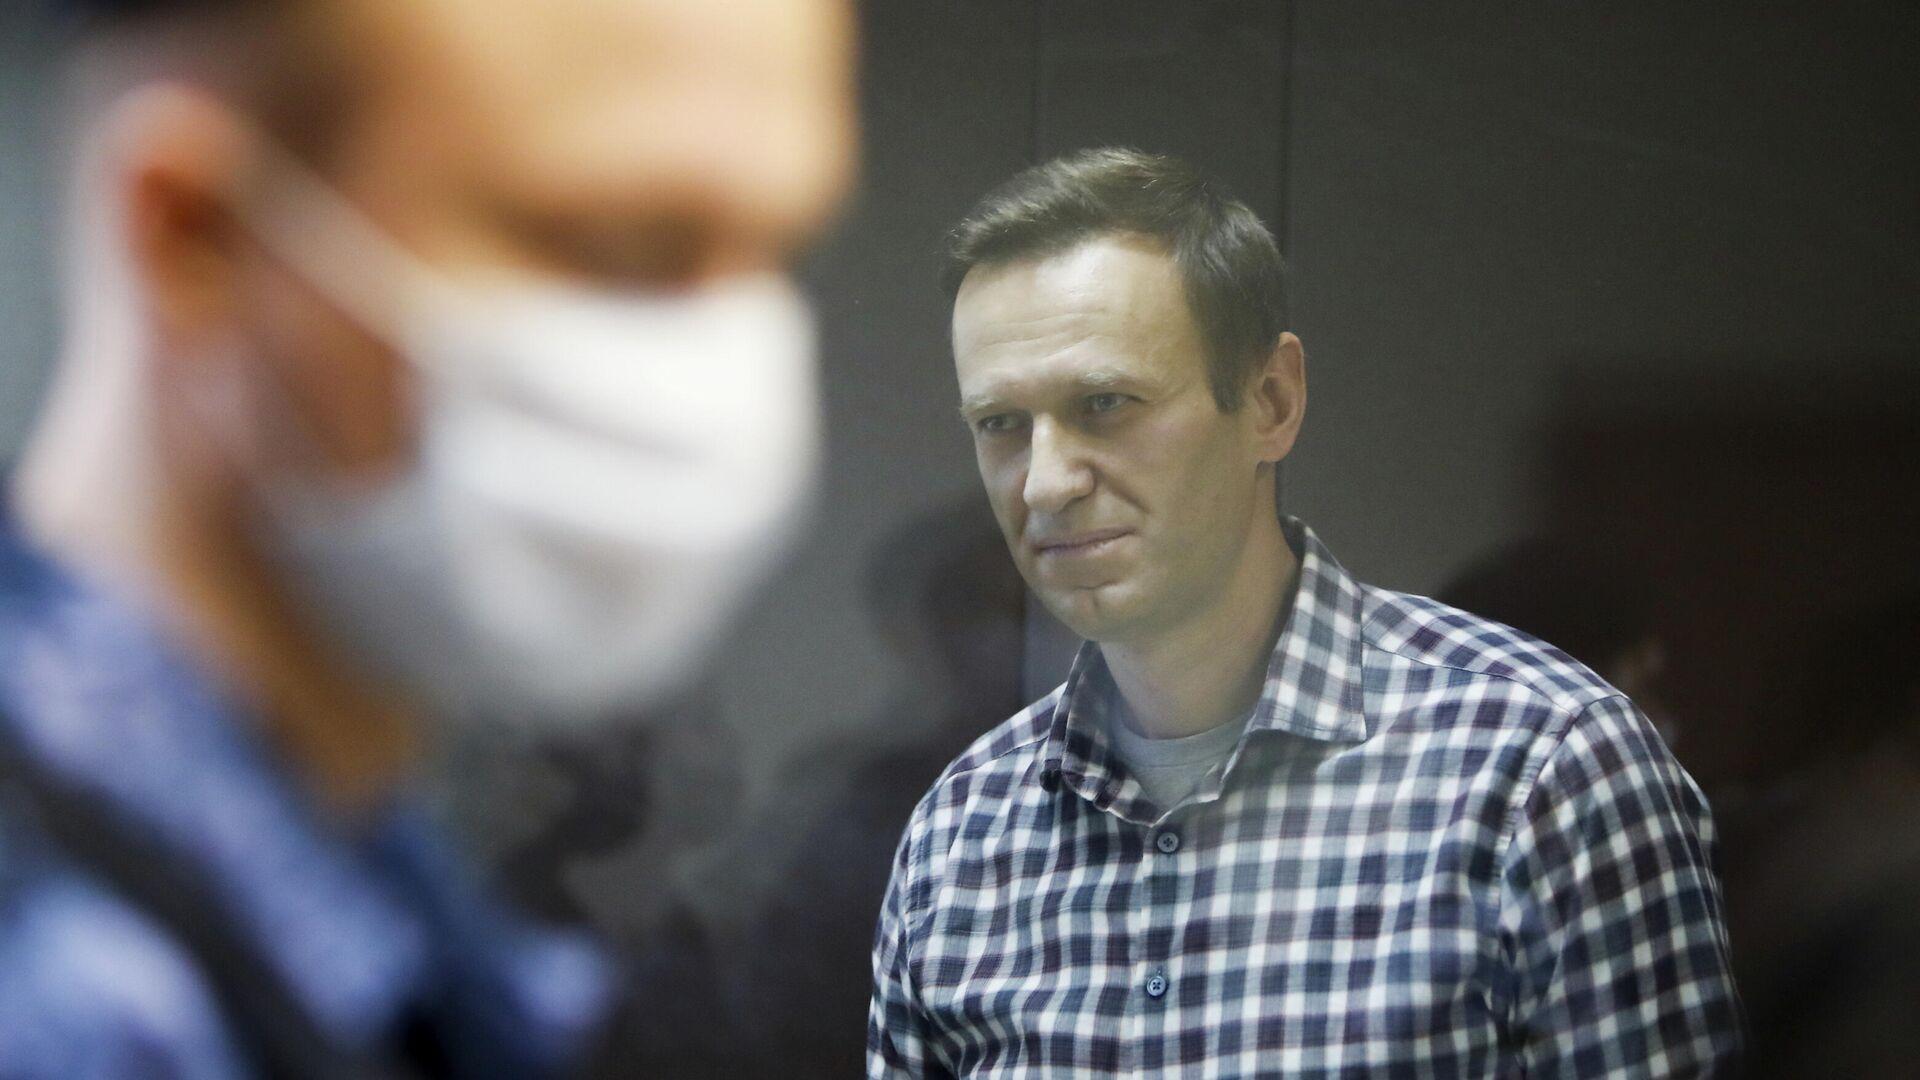 Блогер Алексей Навальный на заседании суда в Москве - РИА Новости, 1920, 24.03.2021